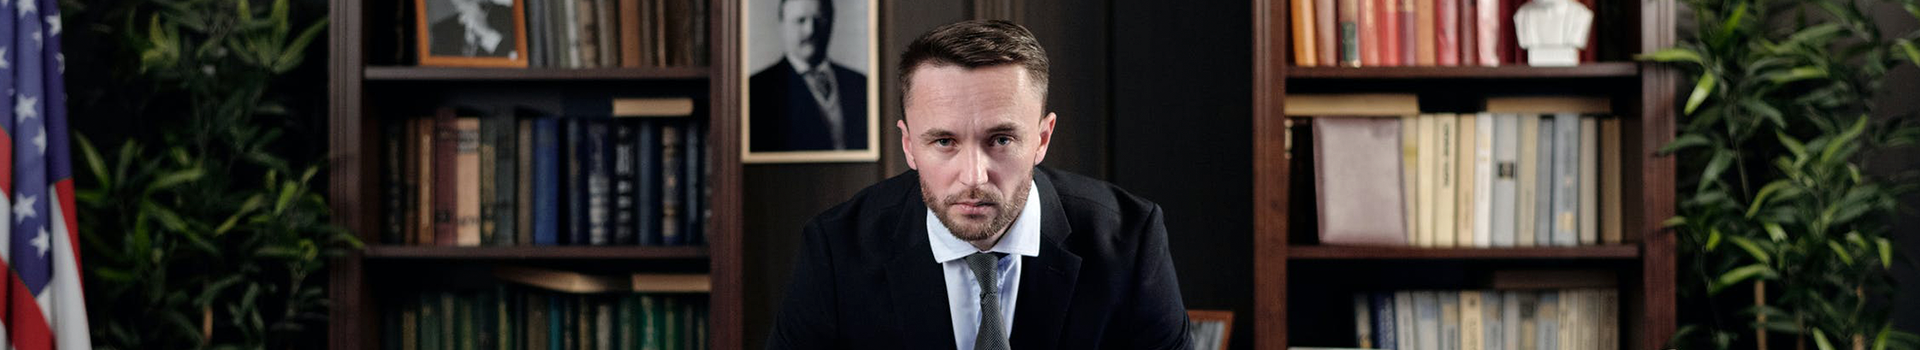 Главная картинка статьи Политтехнолог в России — кто это, зарплата и особенности профессии